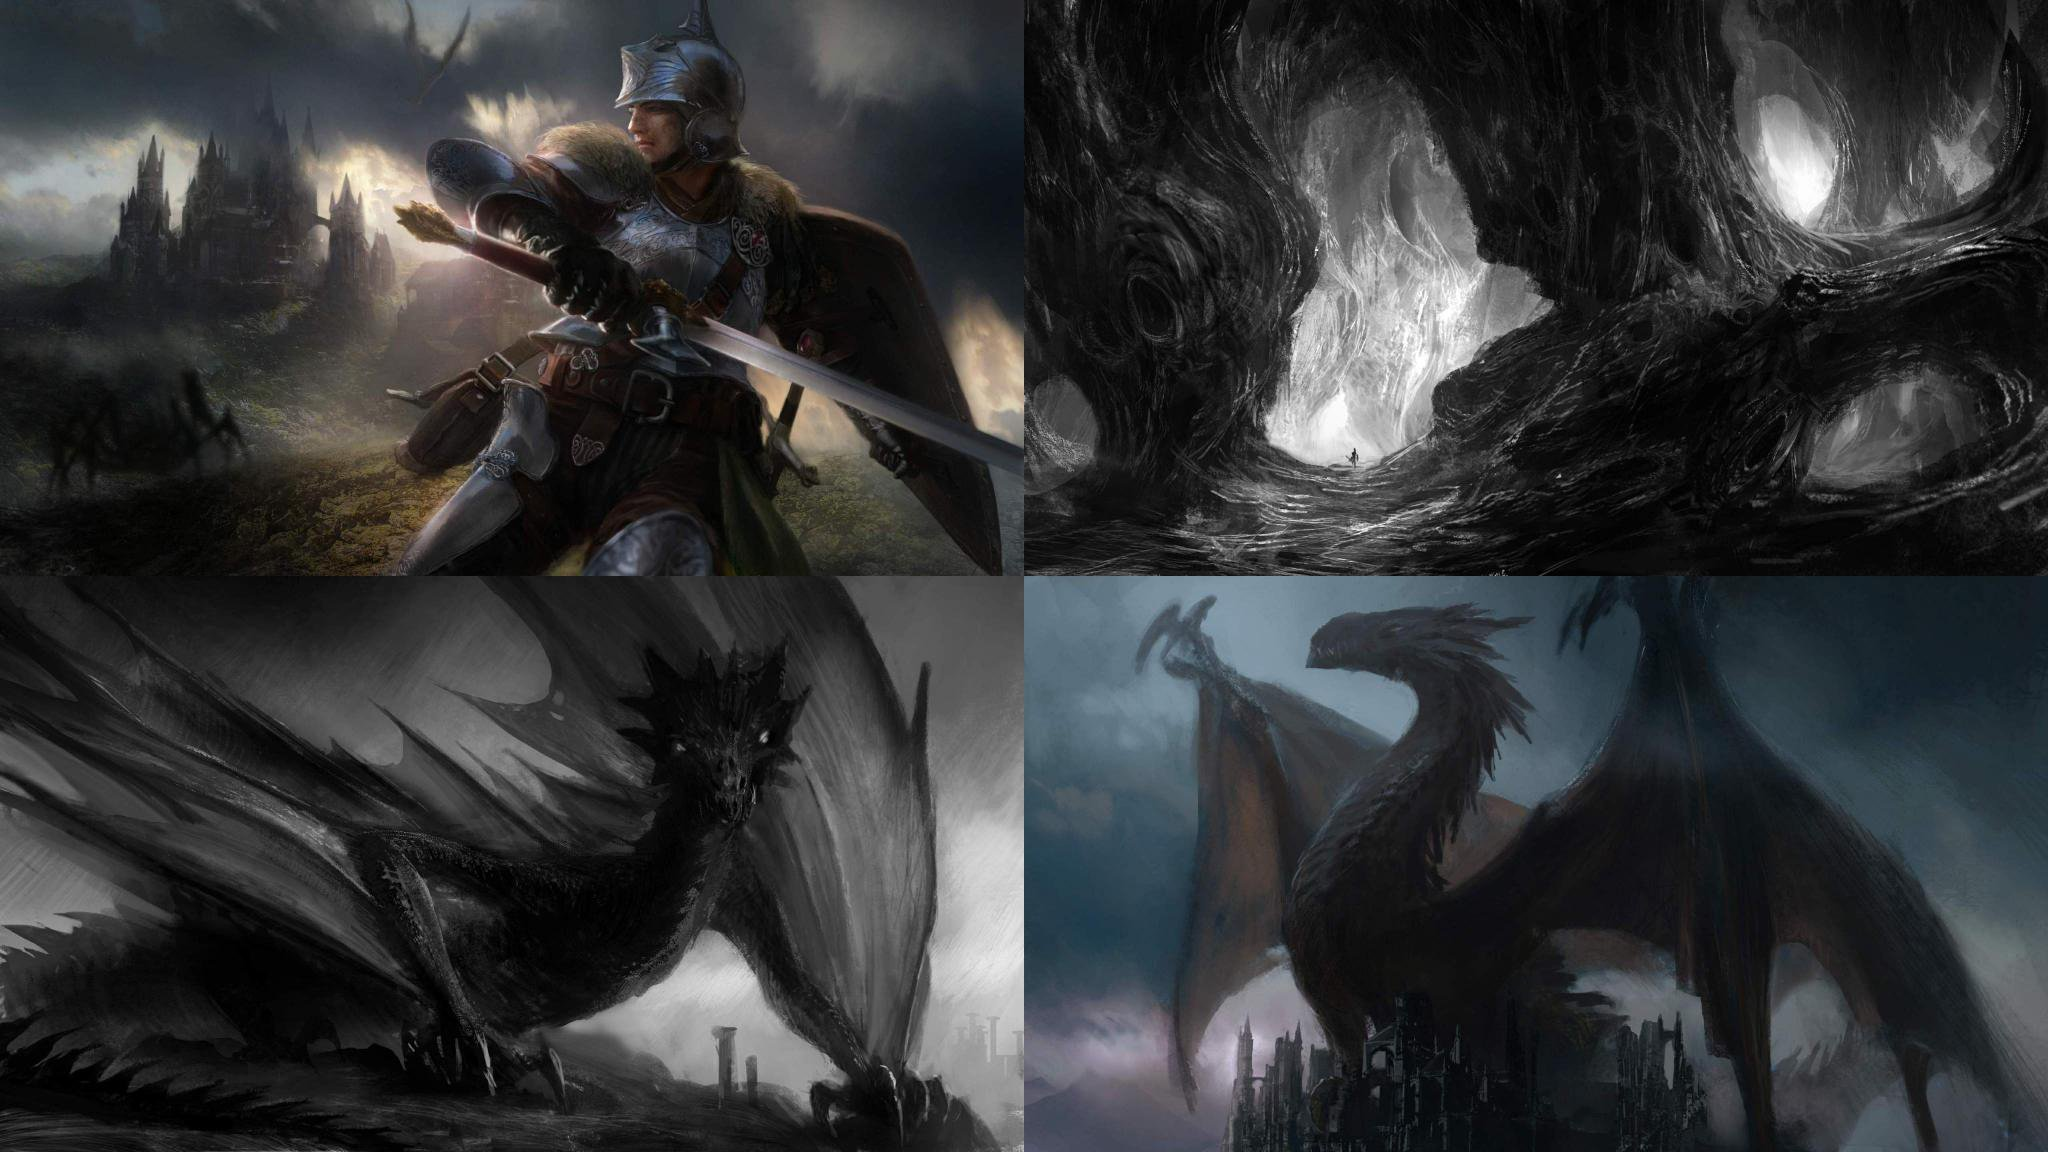 Dark Souls II saldr en marzo de 2014 segn un cartel del E3 2048x1152